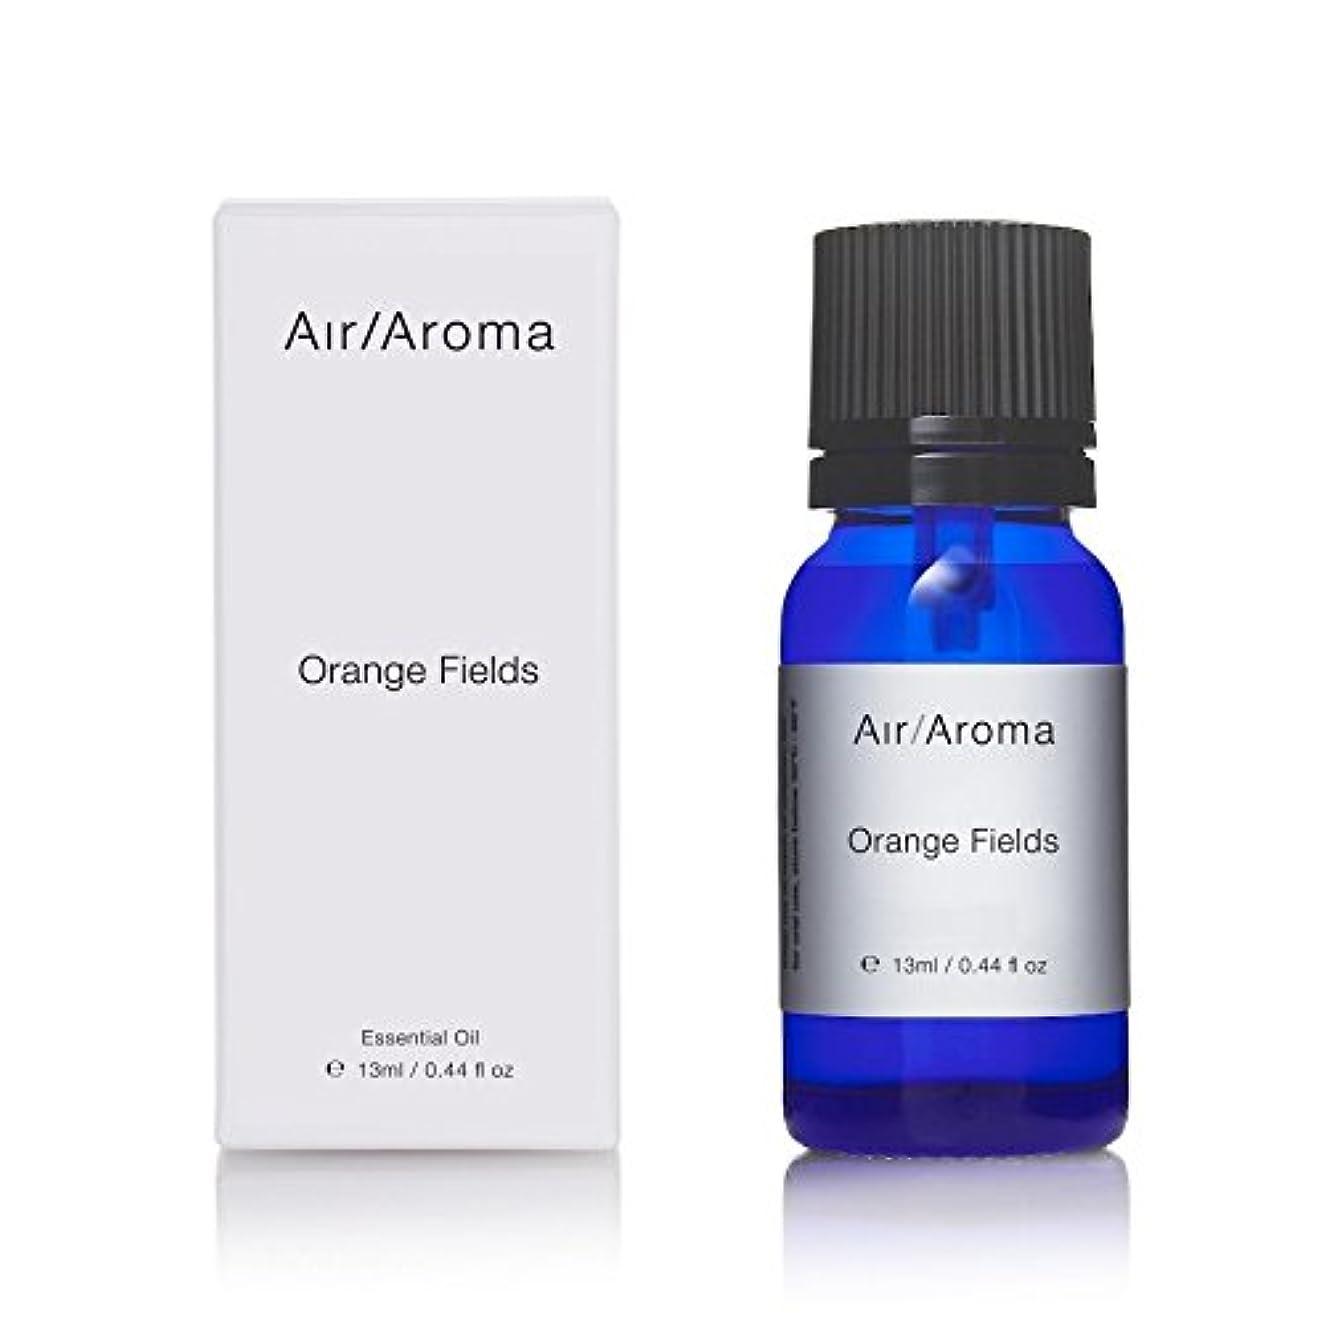 エアアロマ orange fields (オレンジフィールド) 13ml